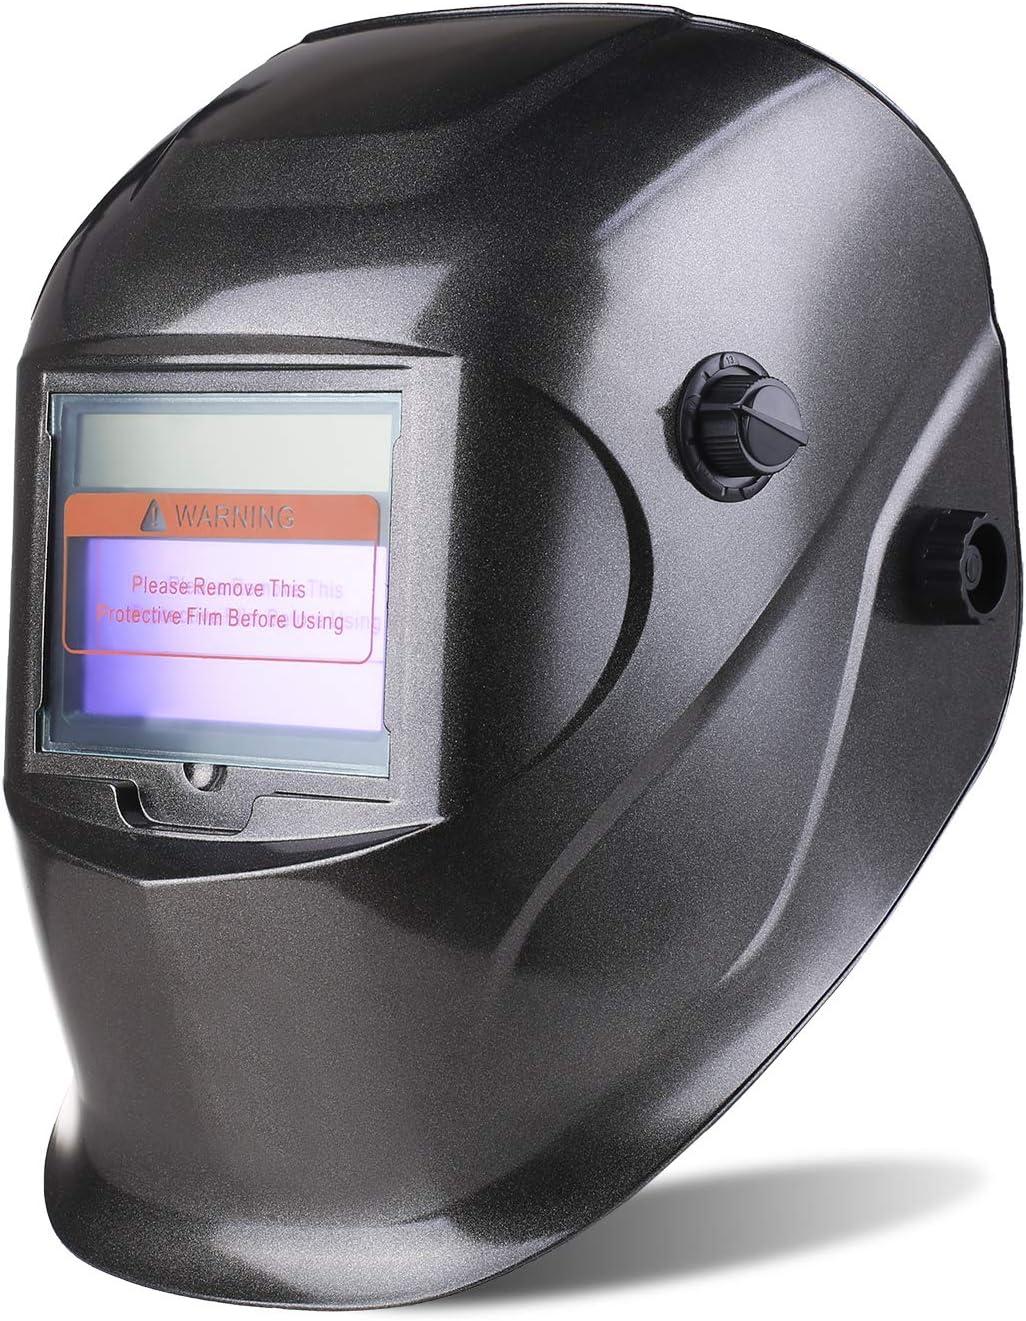 SHYOSUCCE Casco de Soldadura con Protección UV: 16 niveles, Careta Soldar Automatica (Oscurecimiento Variable: DIN 9-13) para Pulir, MMA, MIG/MAG,WIG/TIG, 5 Lentes de